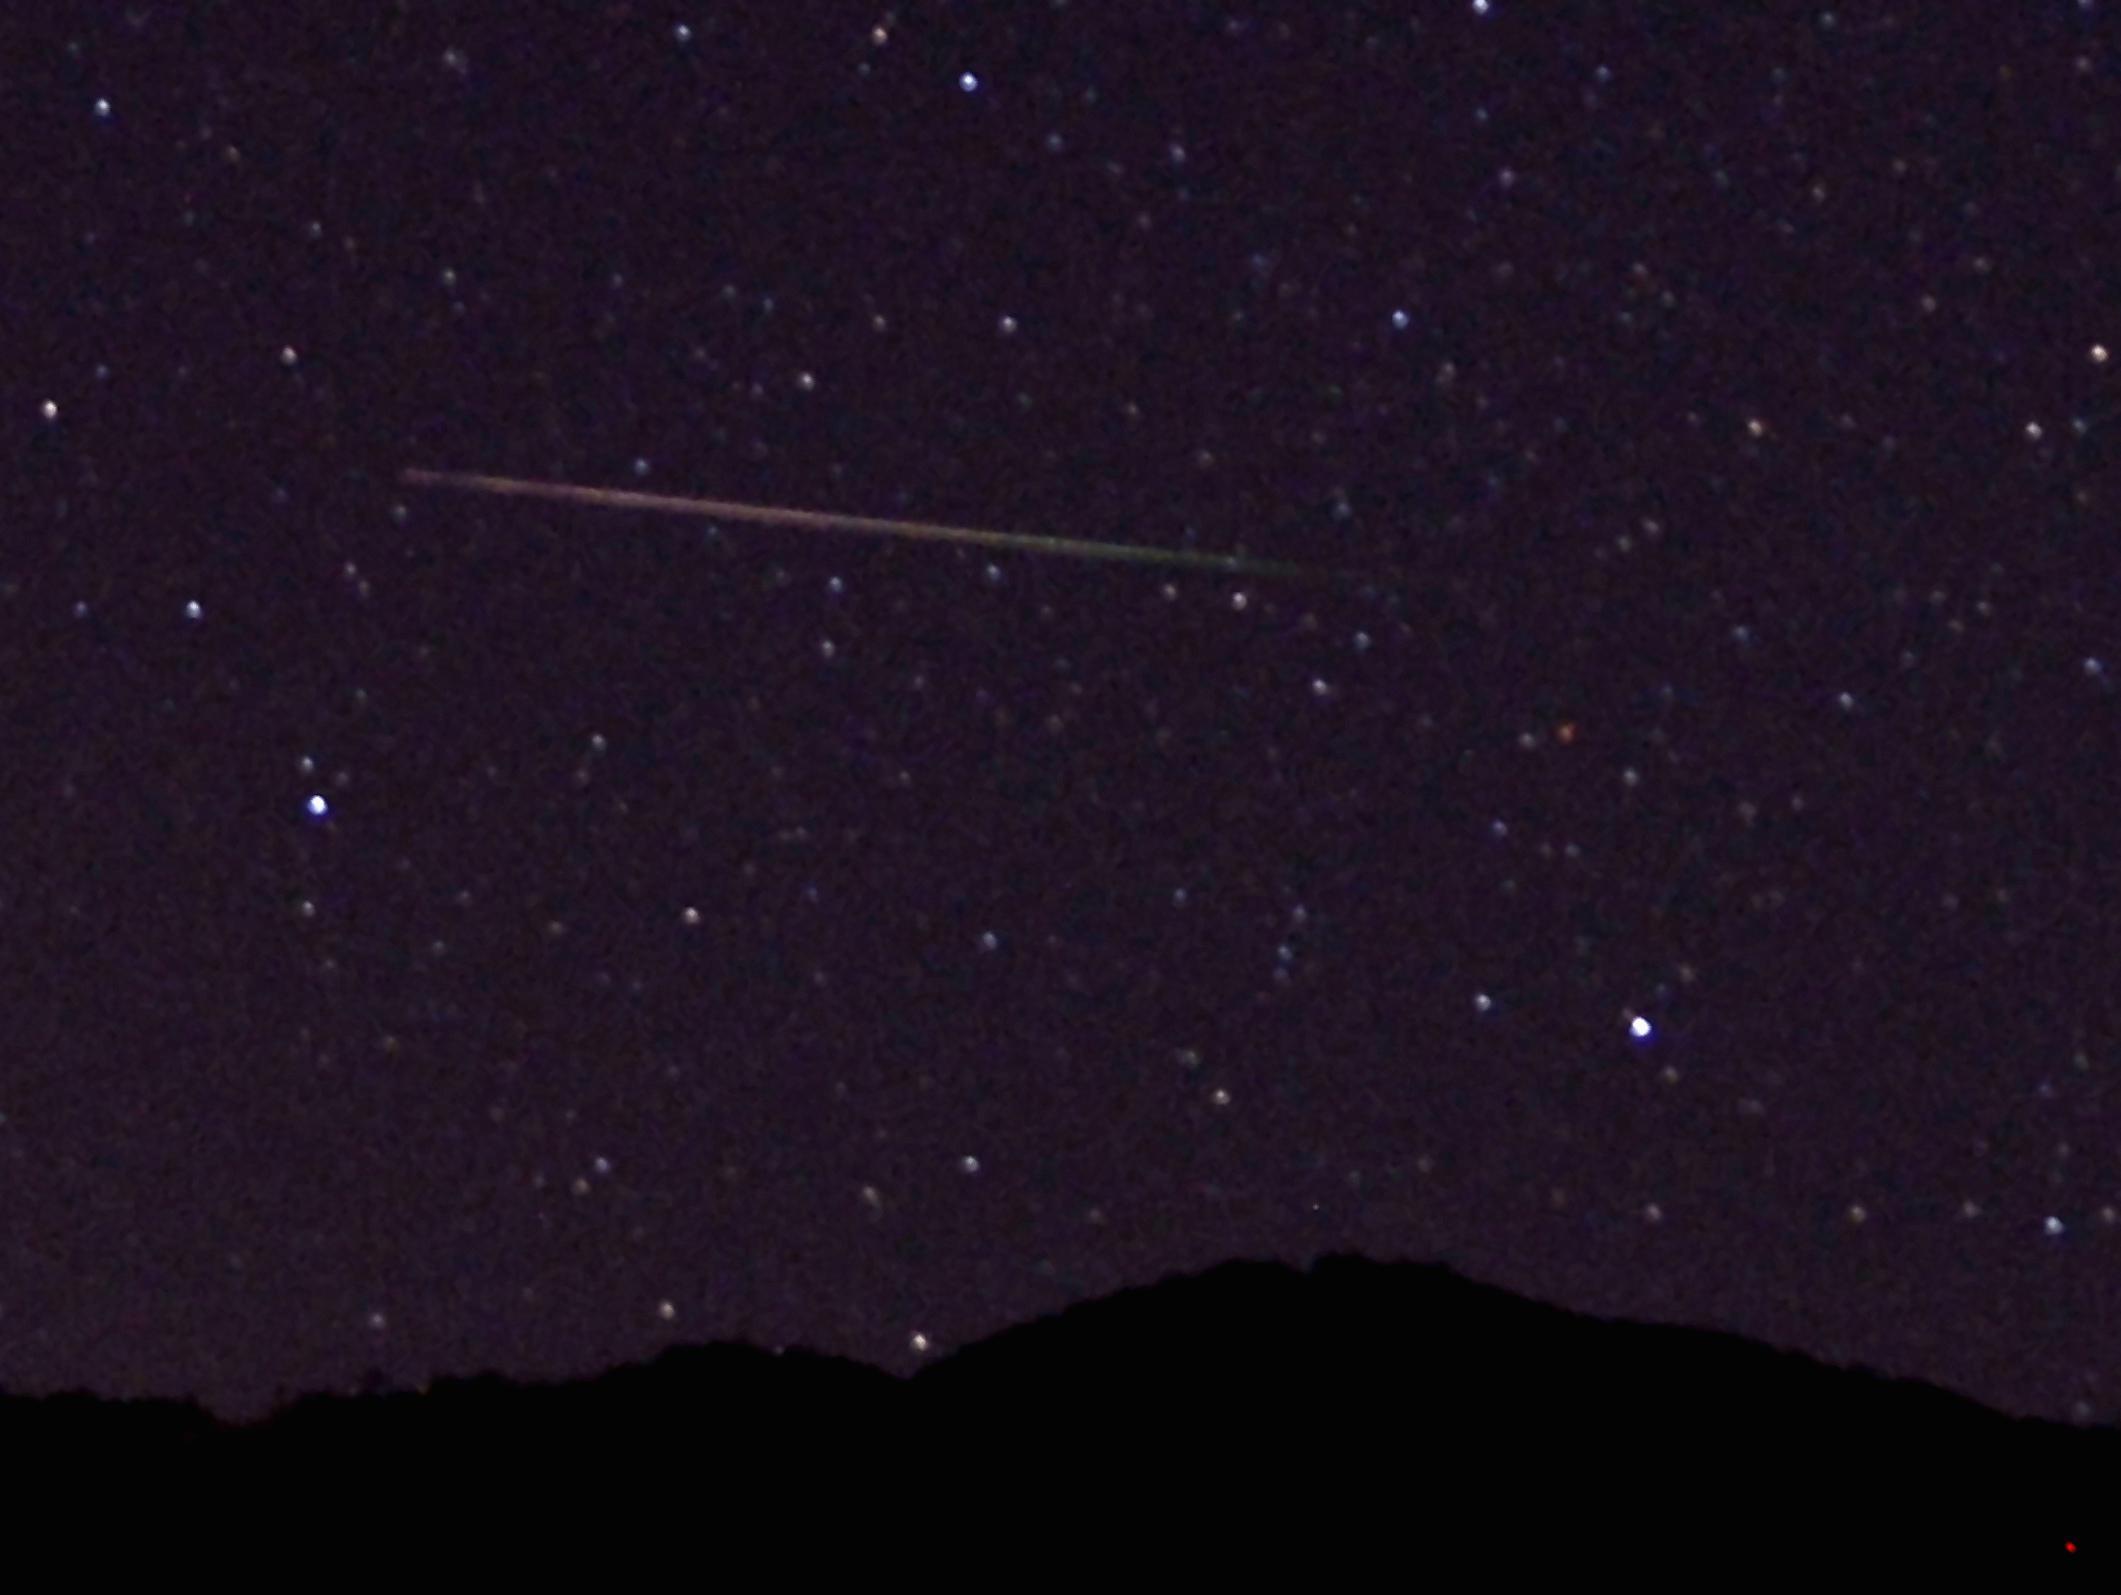 שמיכה, מקום חשוך ומבט לשמיים: גשם מטאורים הלילה בשמי ישראל